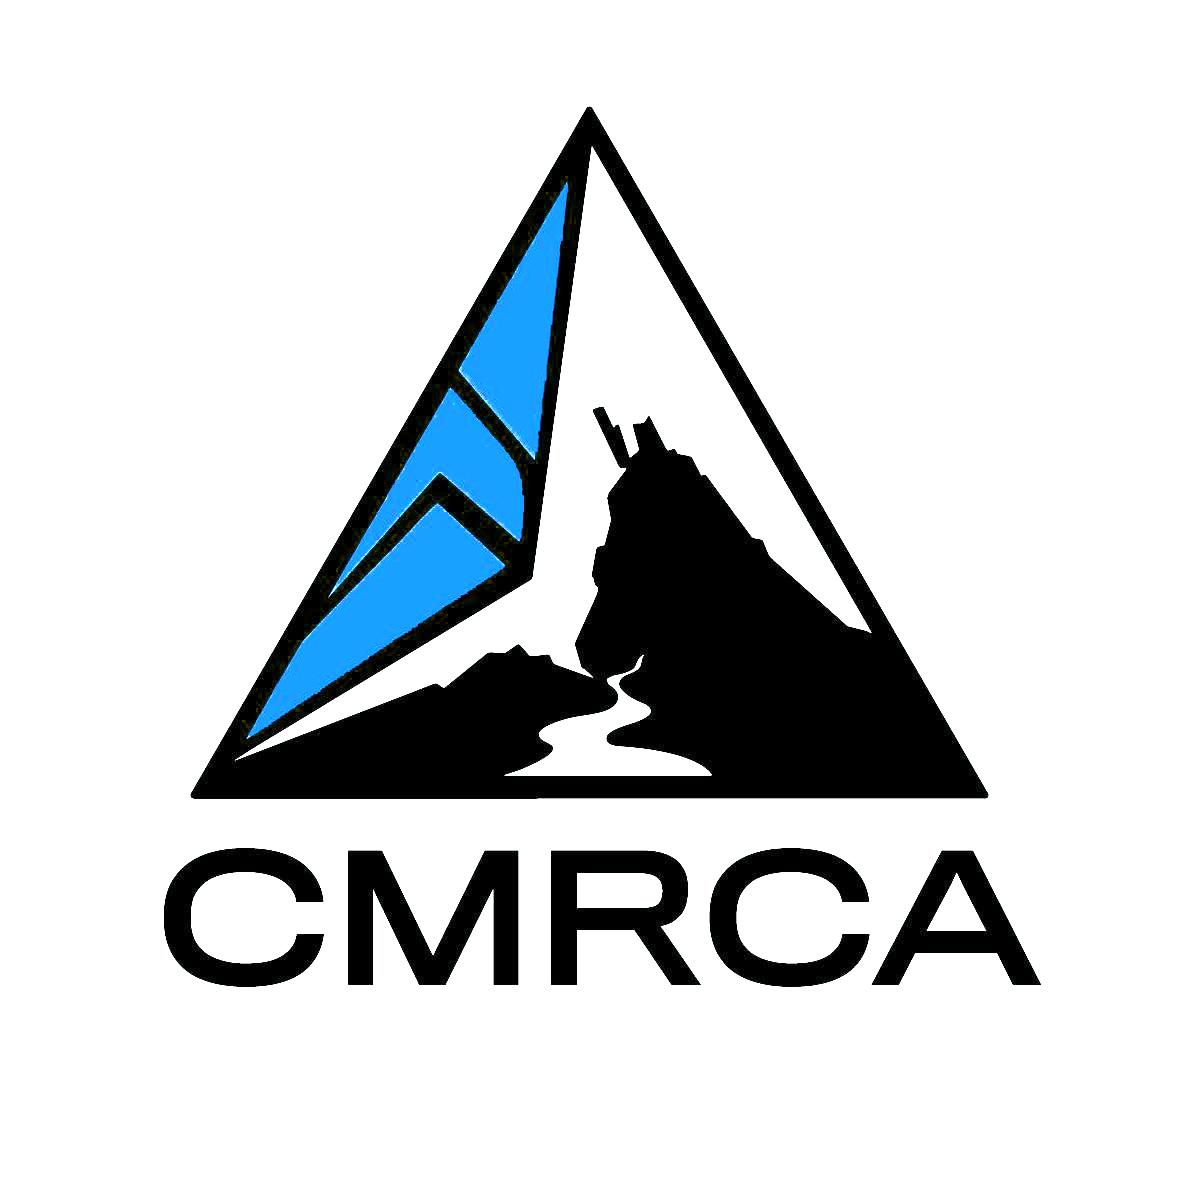 CMRCA